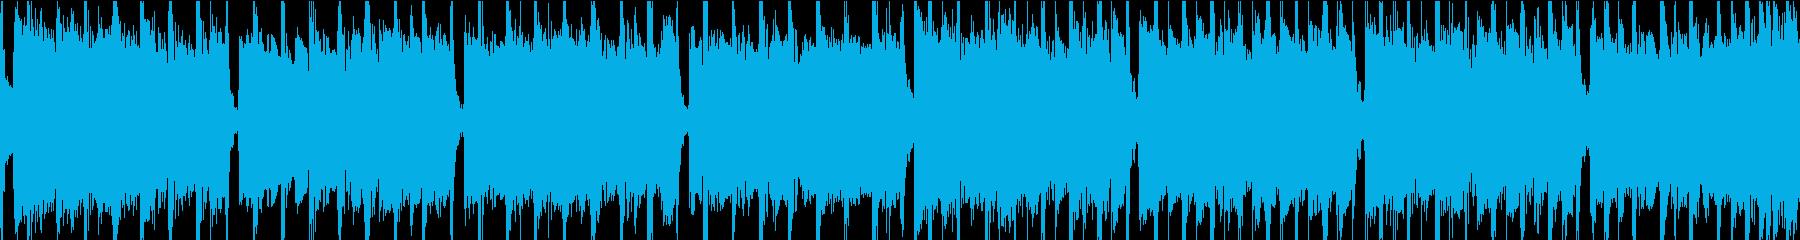 軽快なインディーロックの再生済みの波形